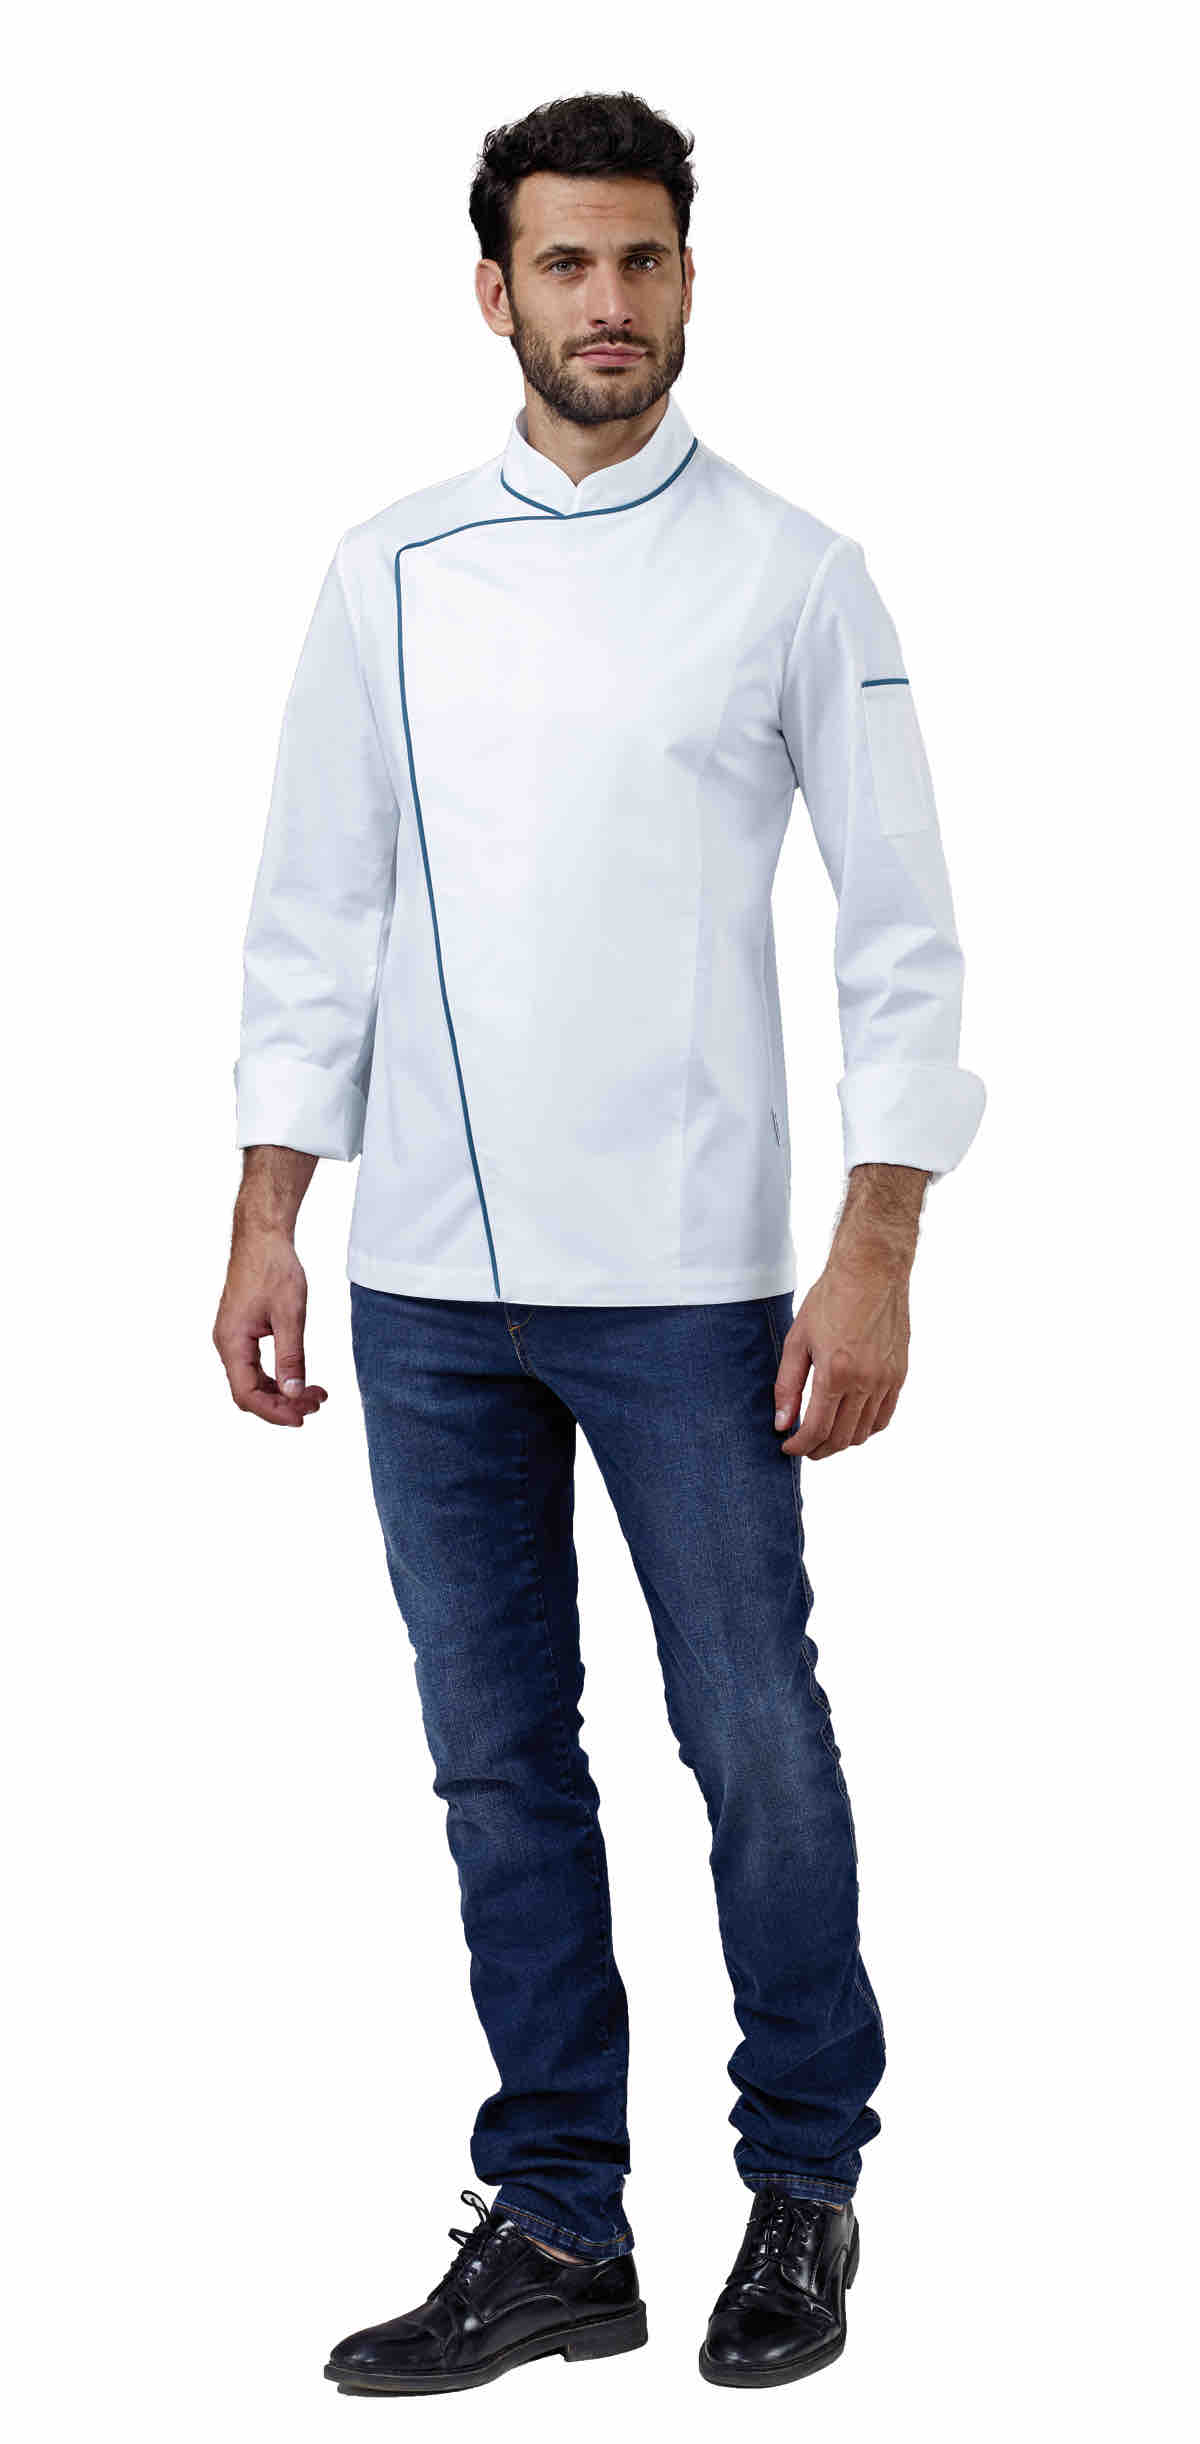 Alan, Giacca chef